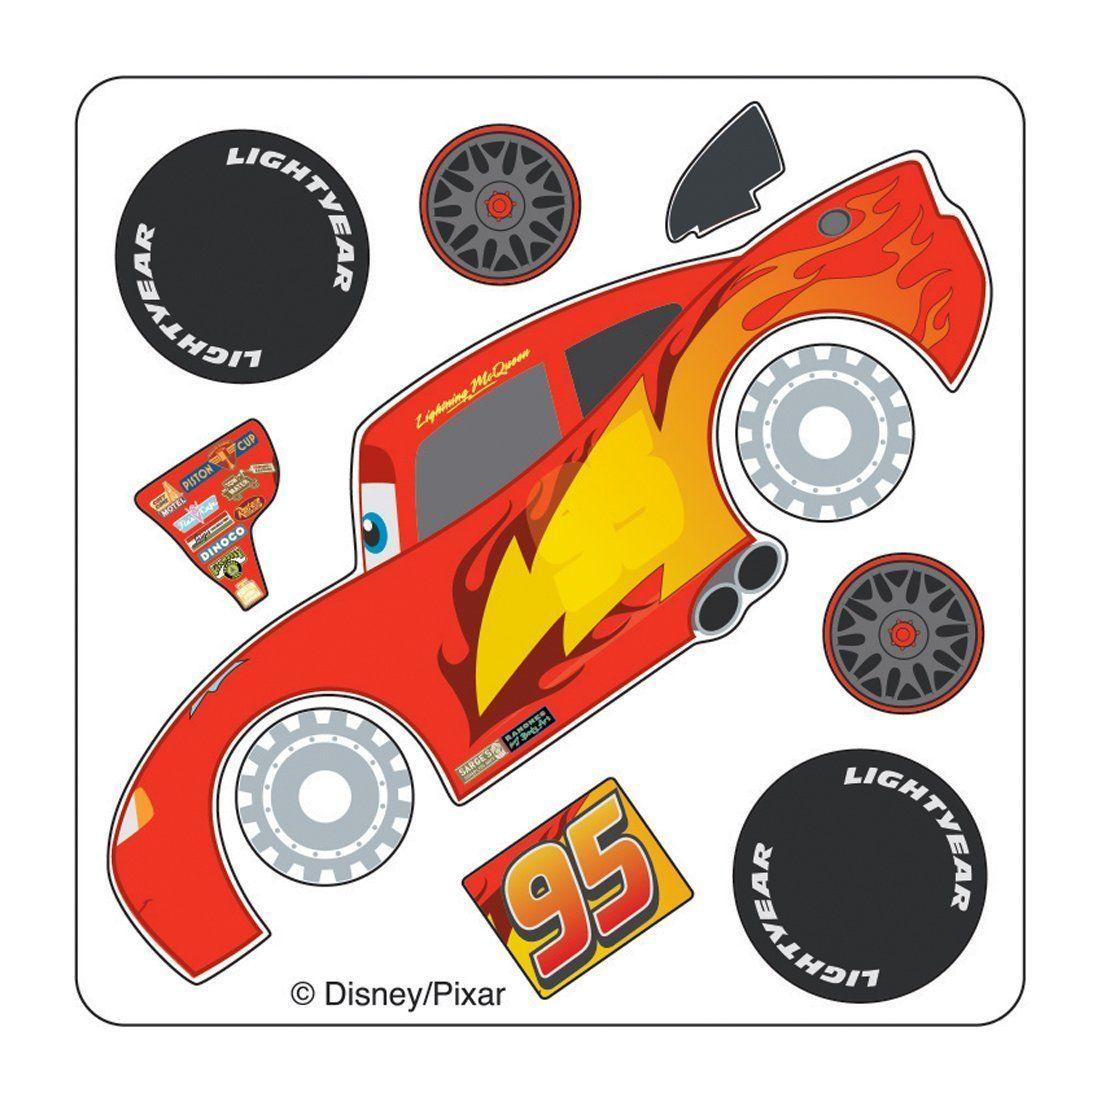 Disney Cars Lightning Mcqueen Make Your Own Stickers Voiture En Carton Idees De Fete Joyeuses Fetes [ 1100 x 1100 Pixel ]